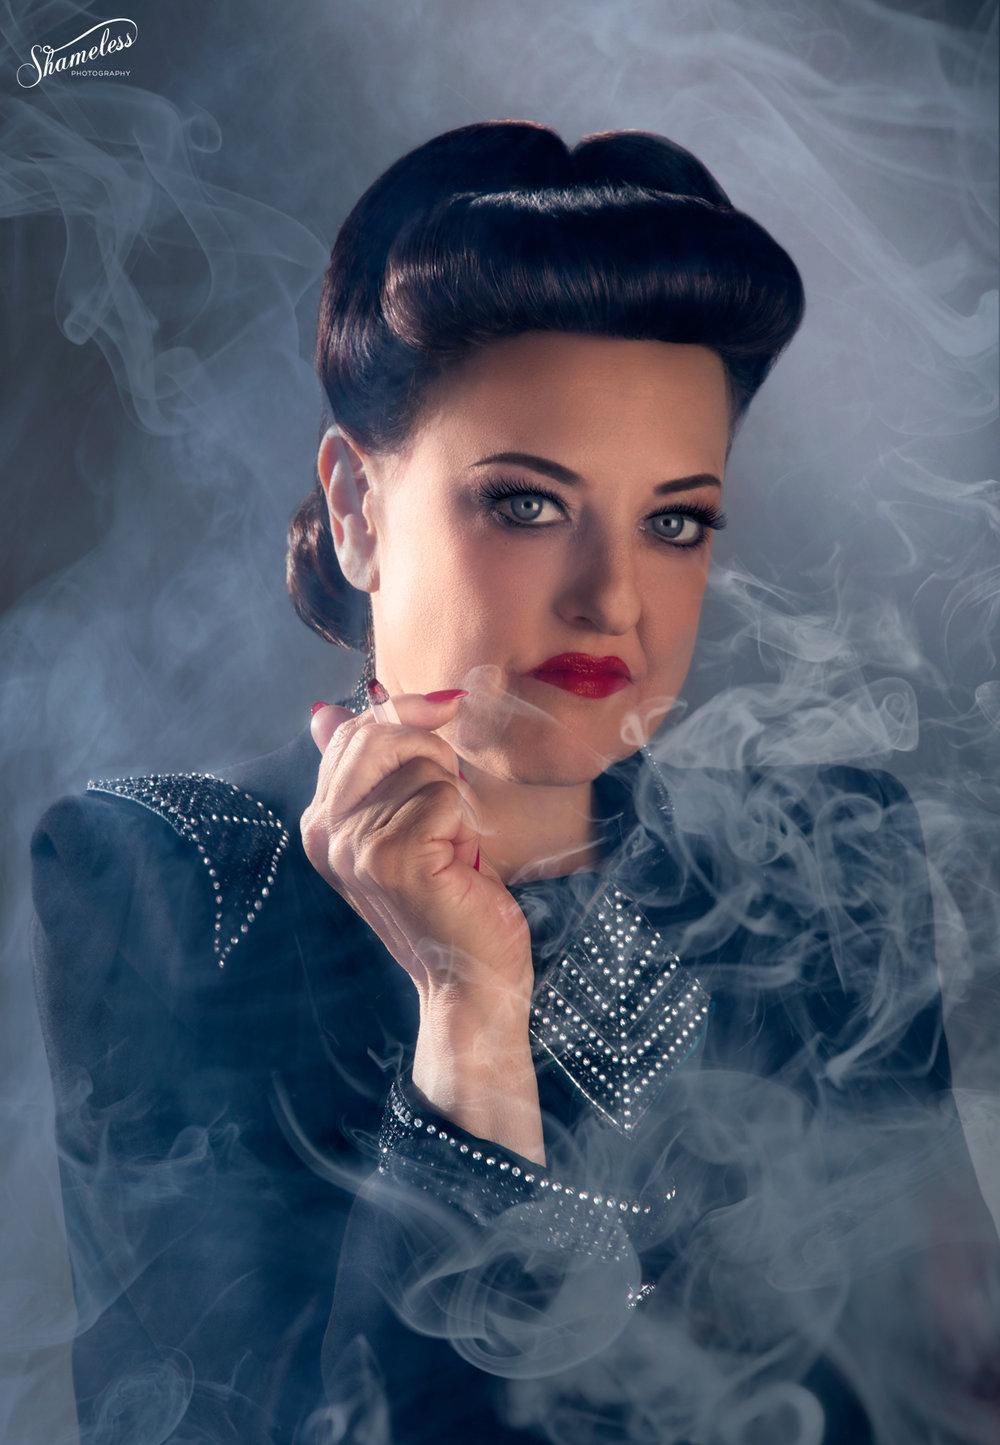 Gina-WebReady-CareyLynne-02.jpg